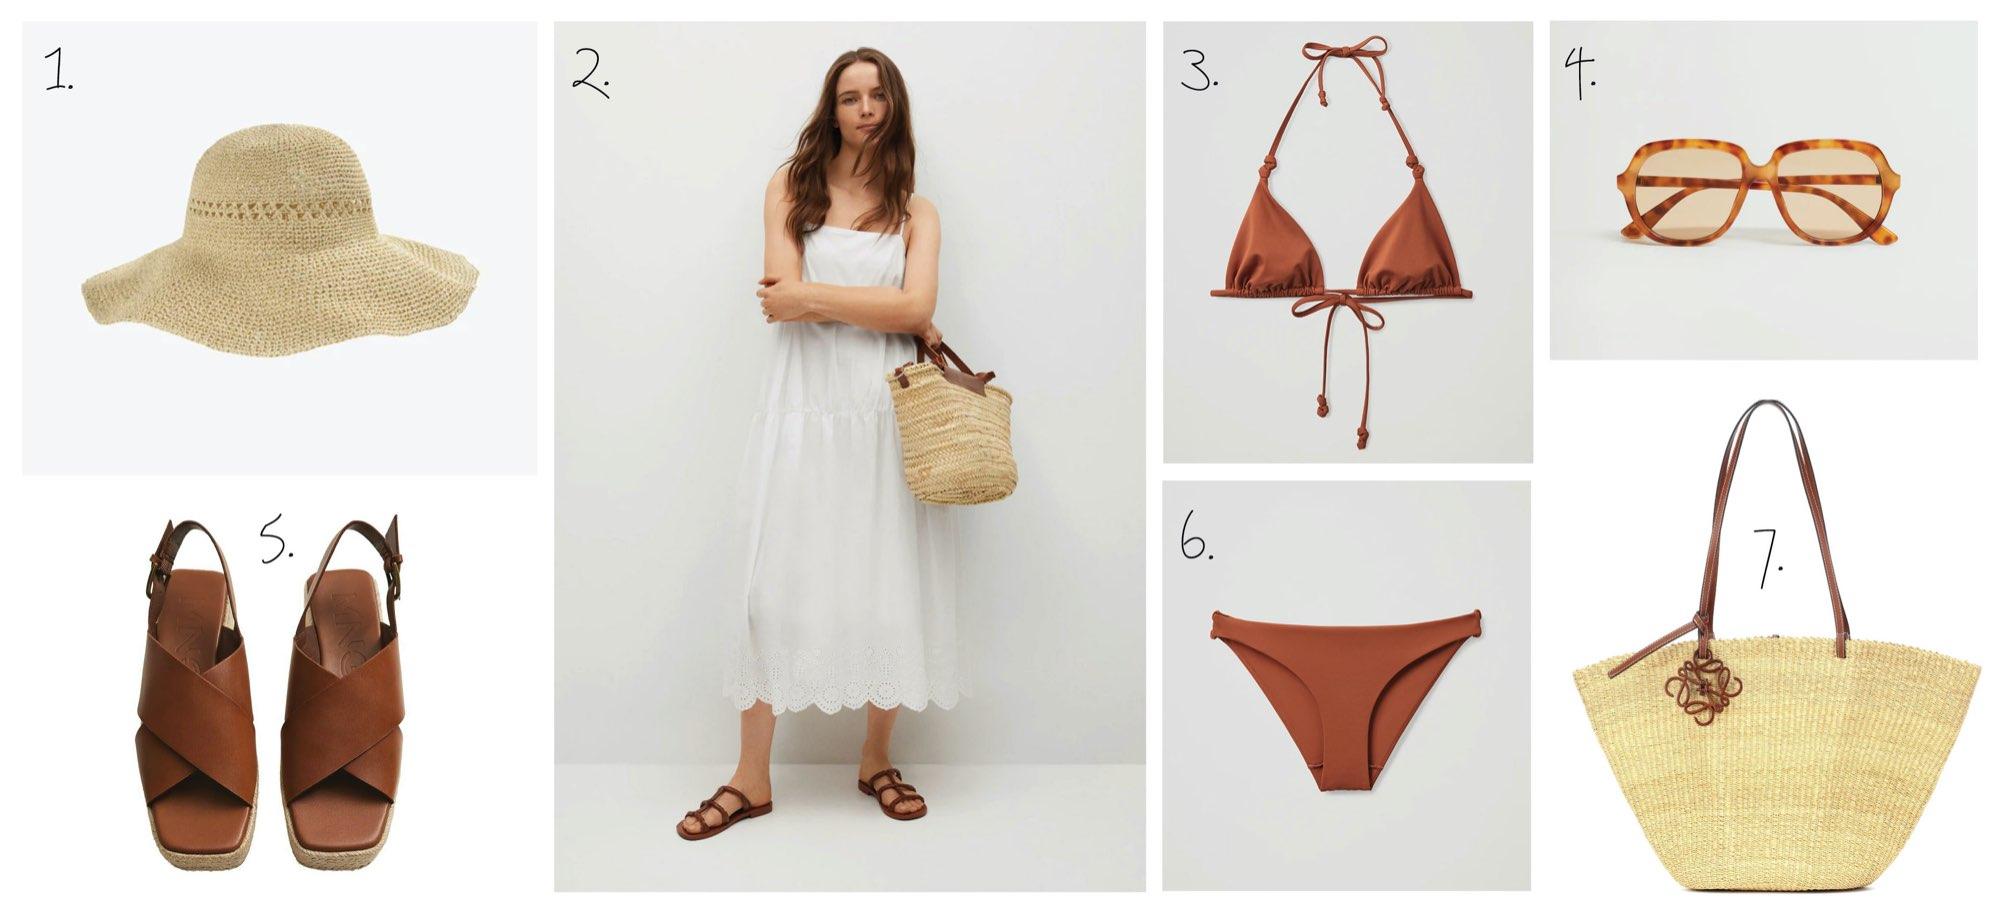 Bild zum Make up & Fashion Blog - der-perfekte-beach-wear-ID14693-01.jpeg?v=1624522052